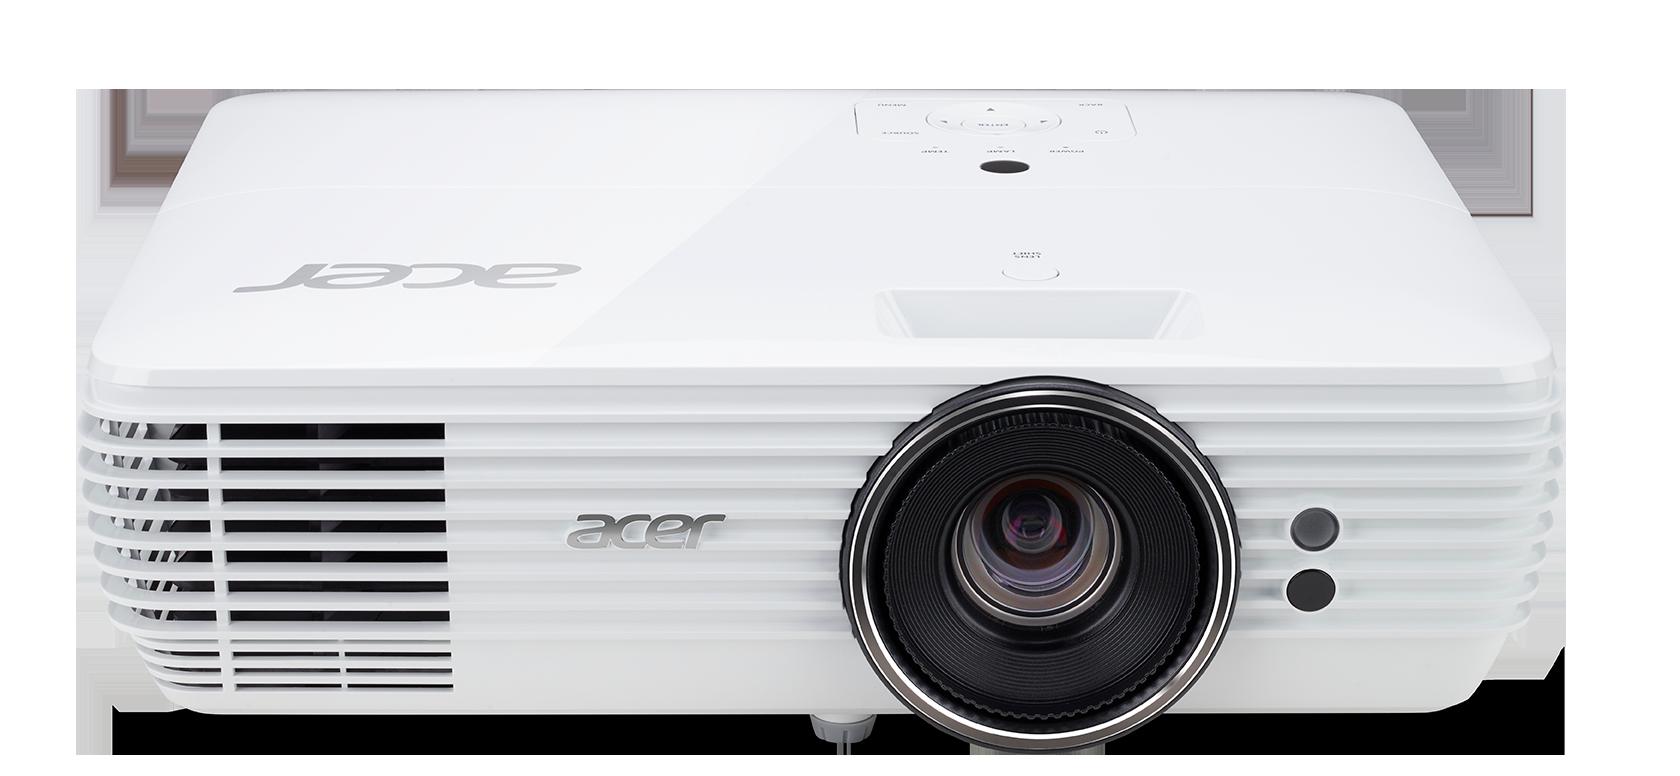 Obrázok produktu Acer DLP V6815 - 2400Lm, 4K UHD, 10000:1, HDMI, VGA, RS232, USB, repro., HDR, bílý